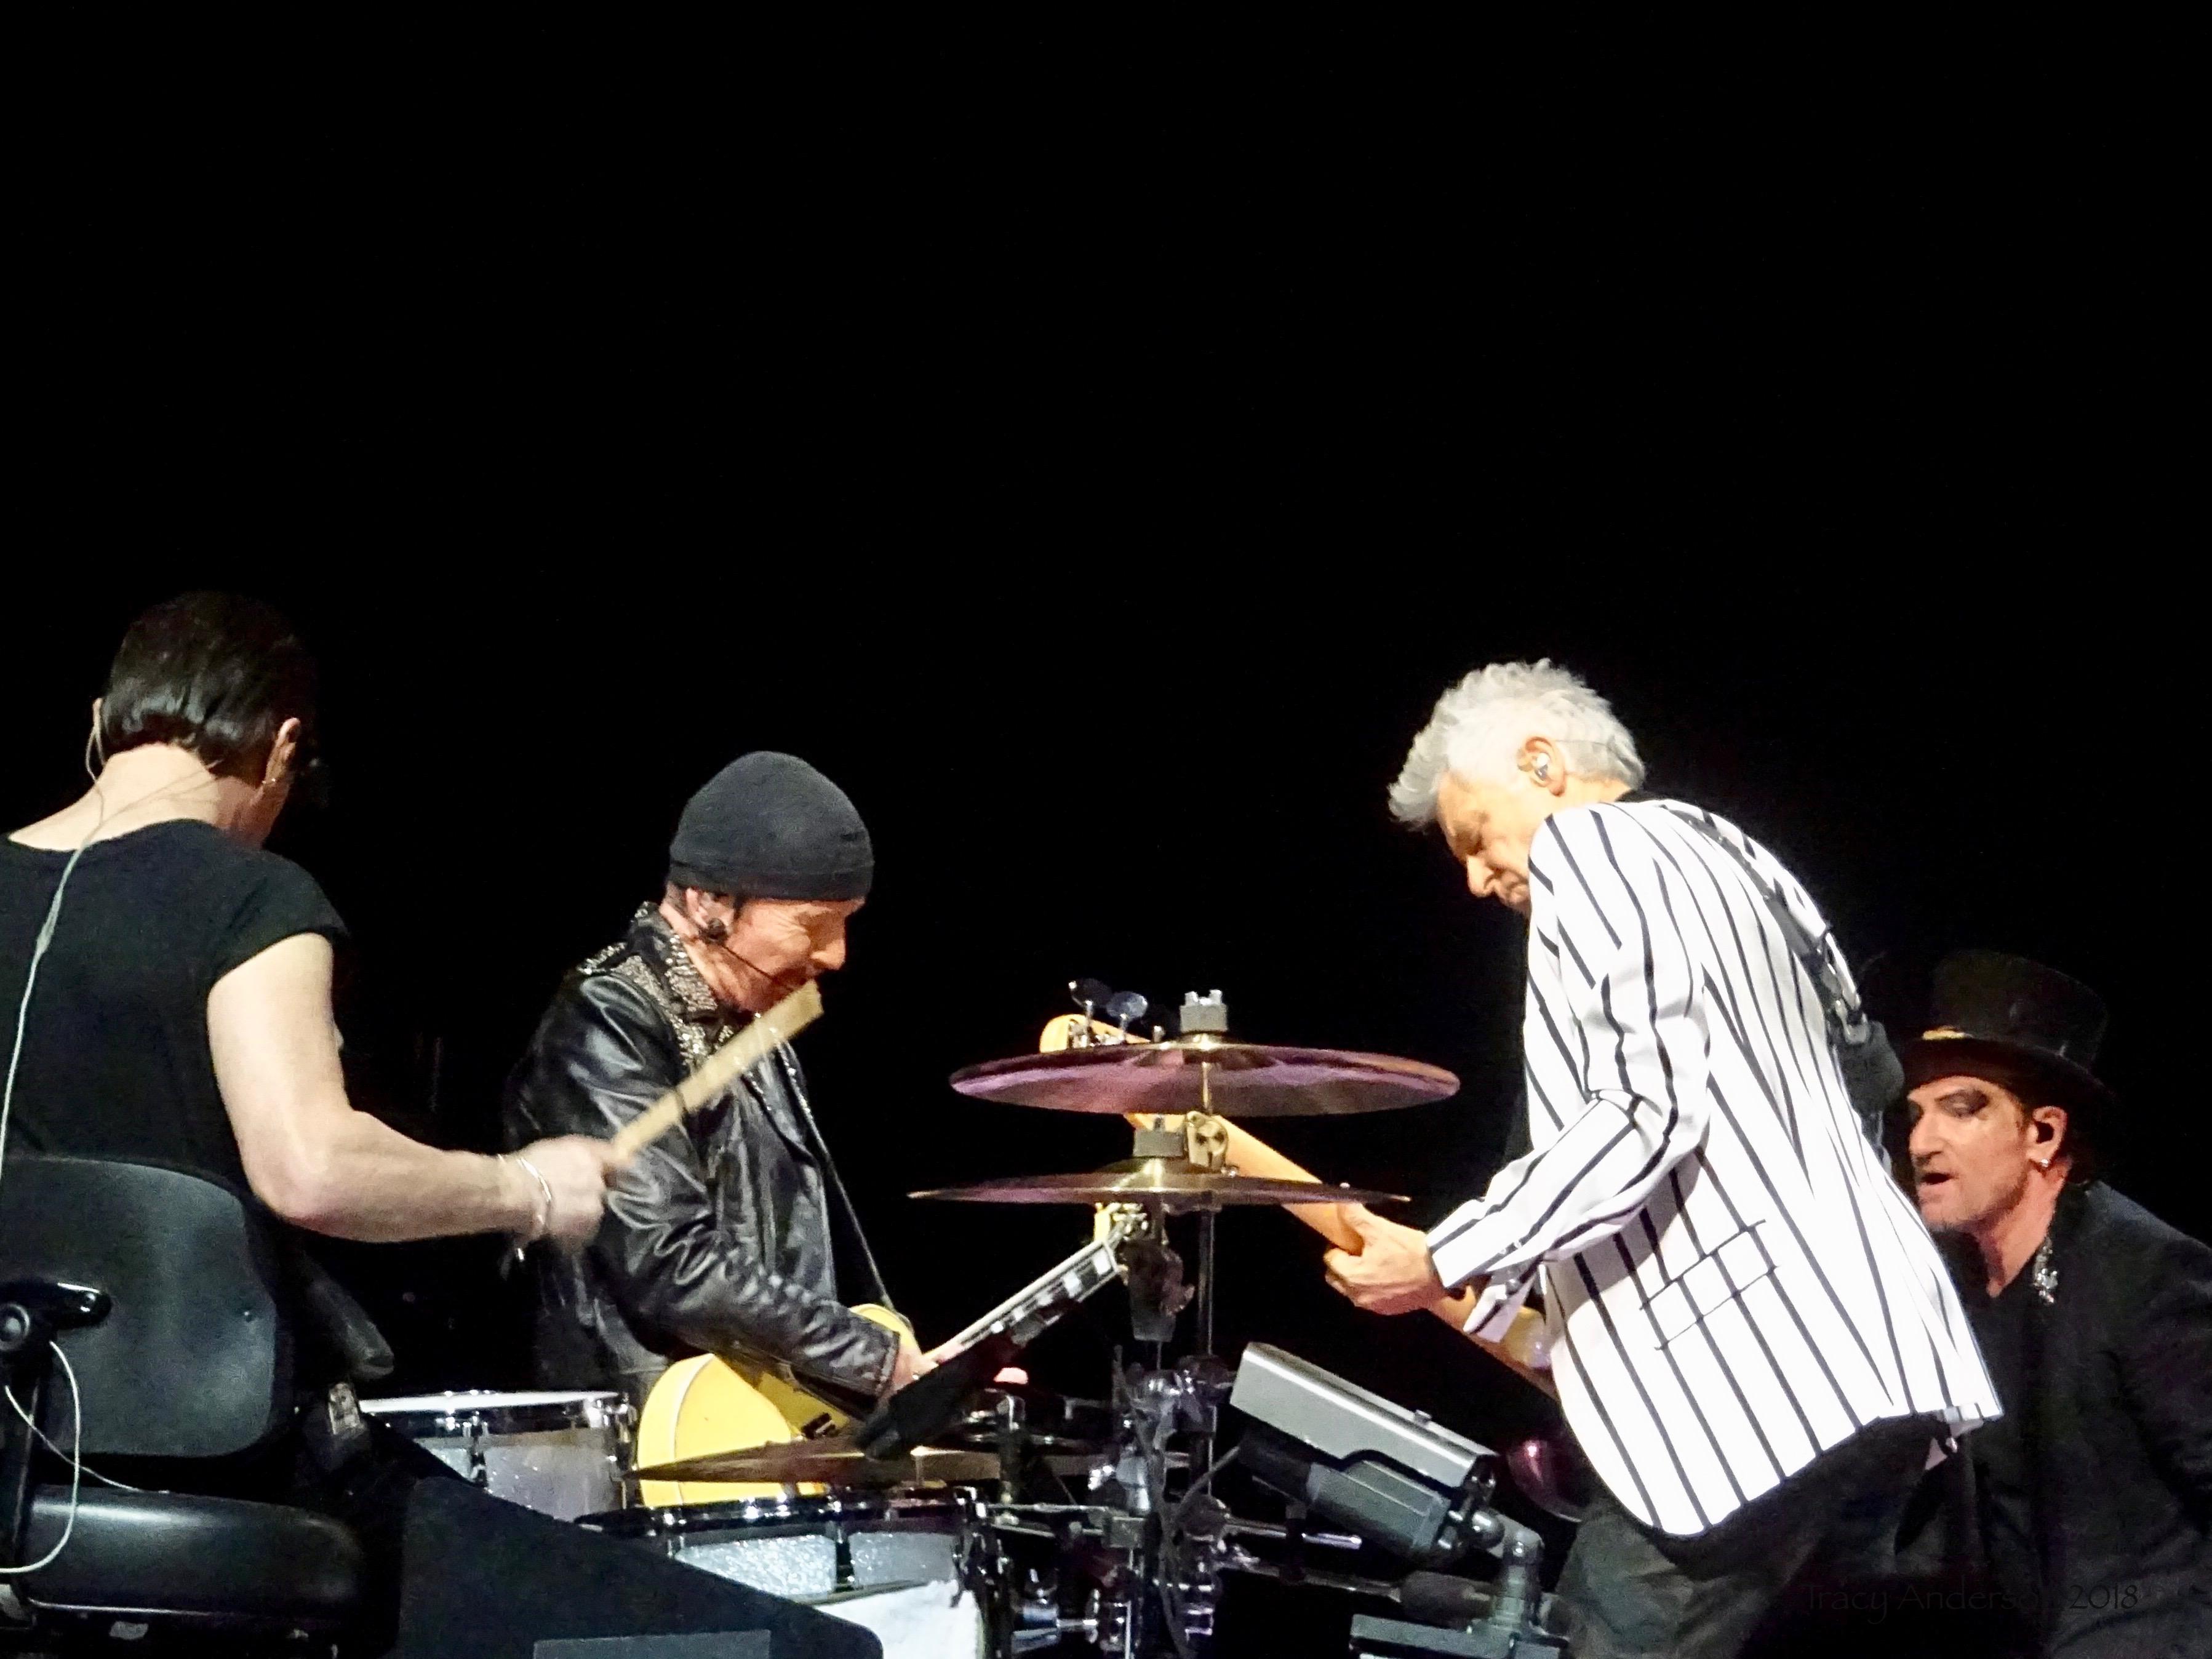 U2 E Stage Dublin 4 3Arena Nov 10 2018